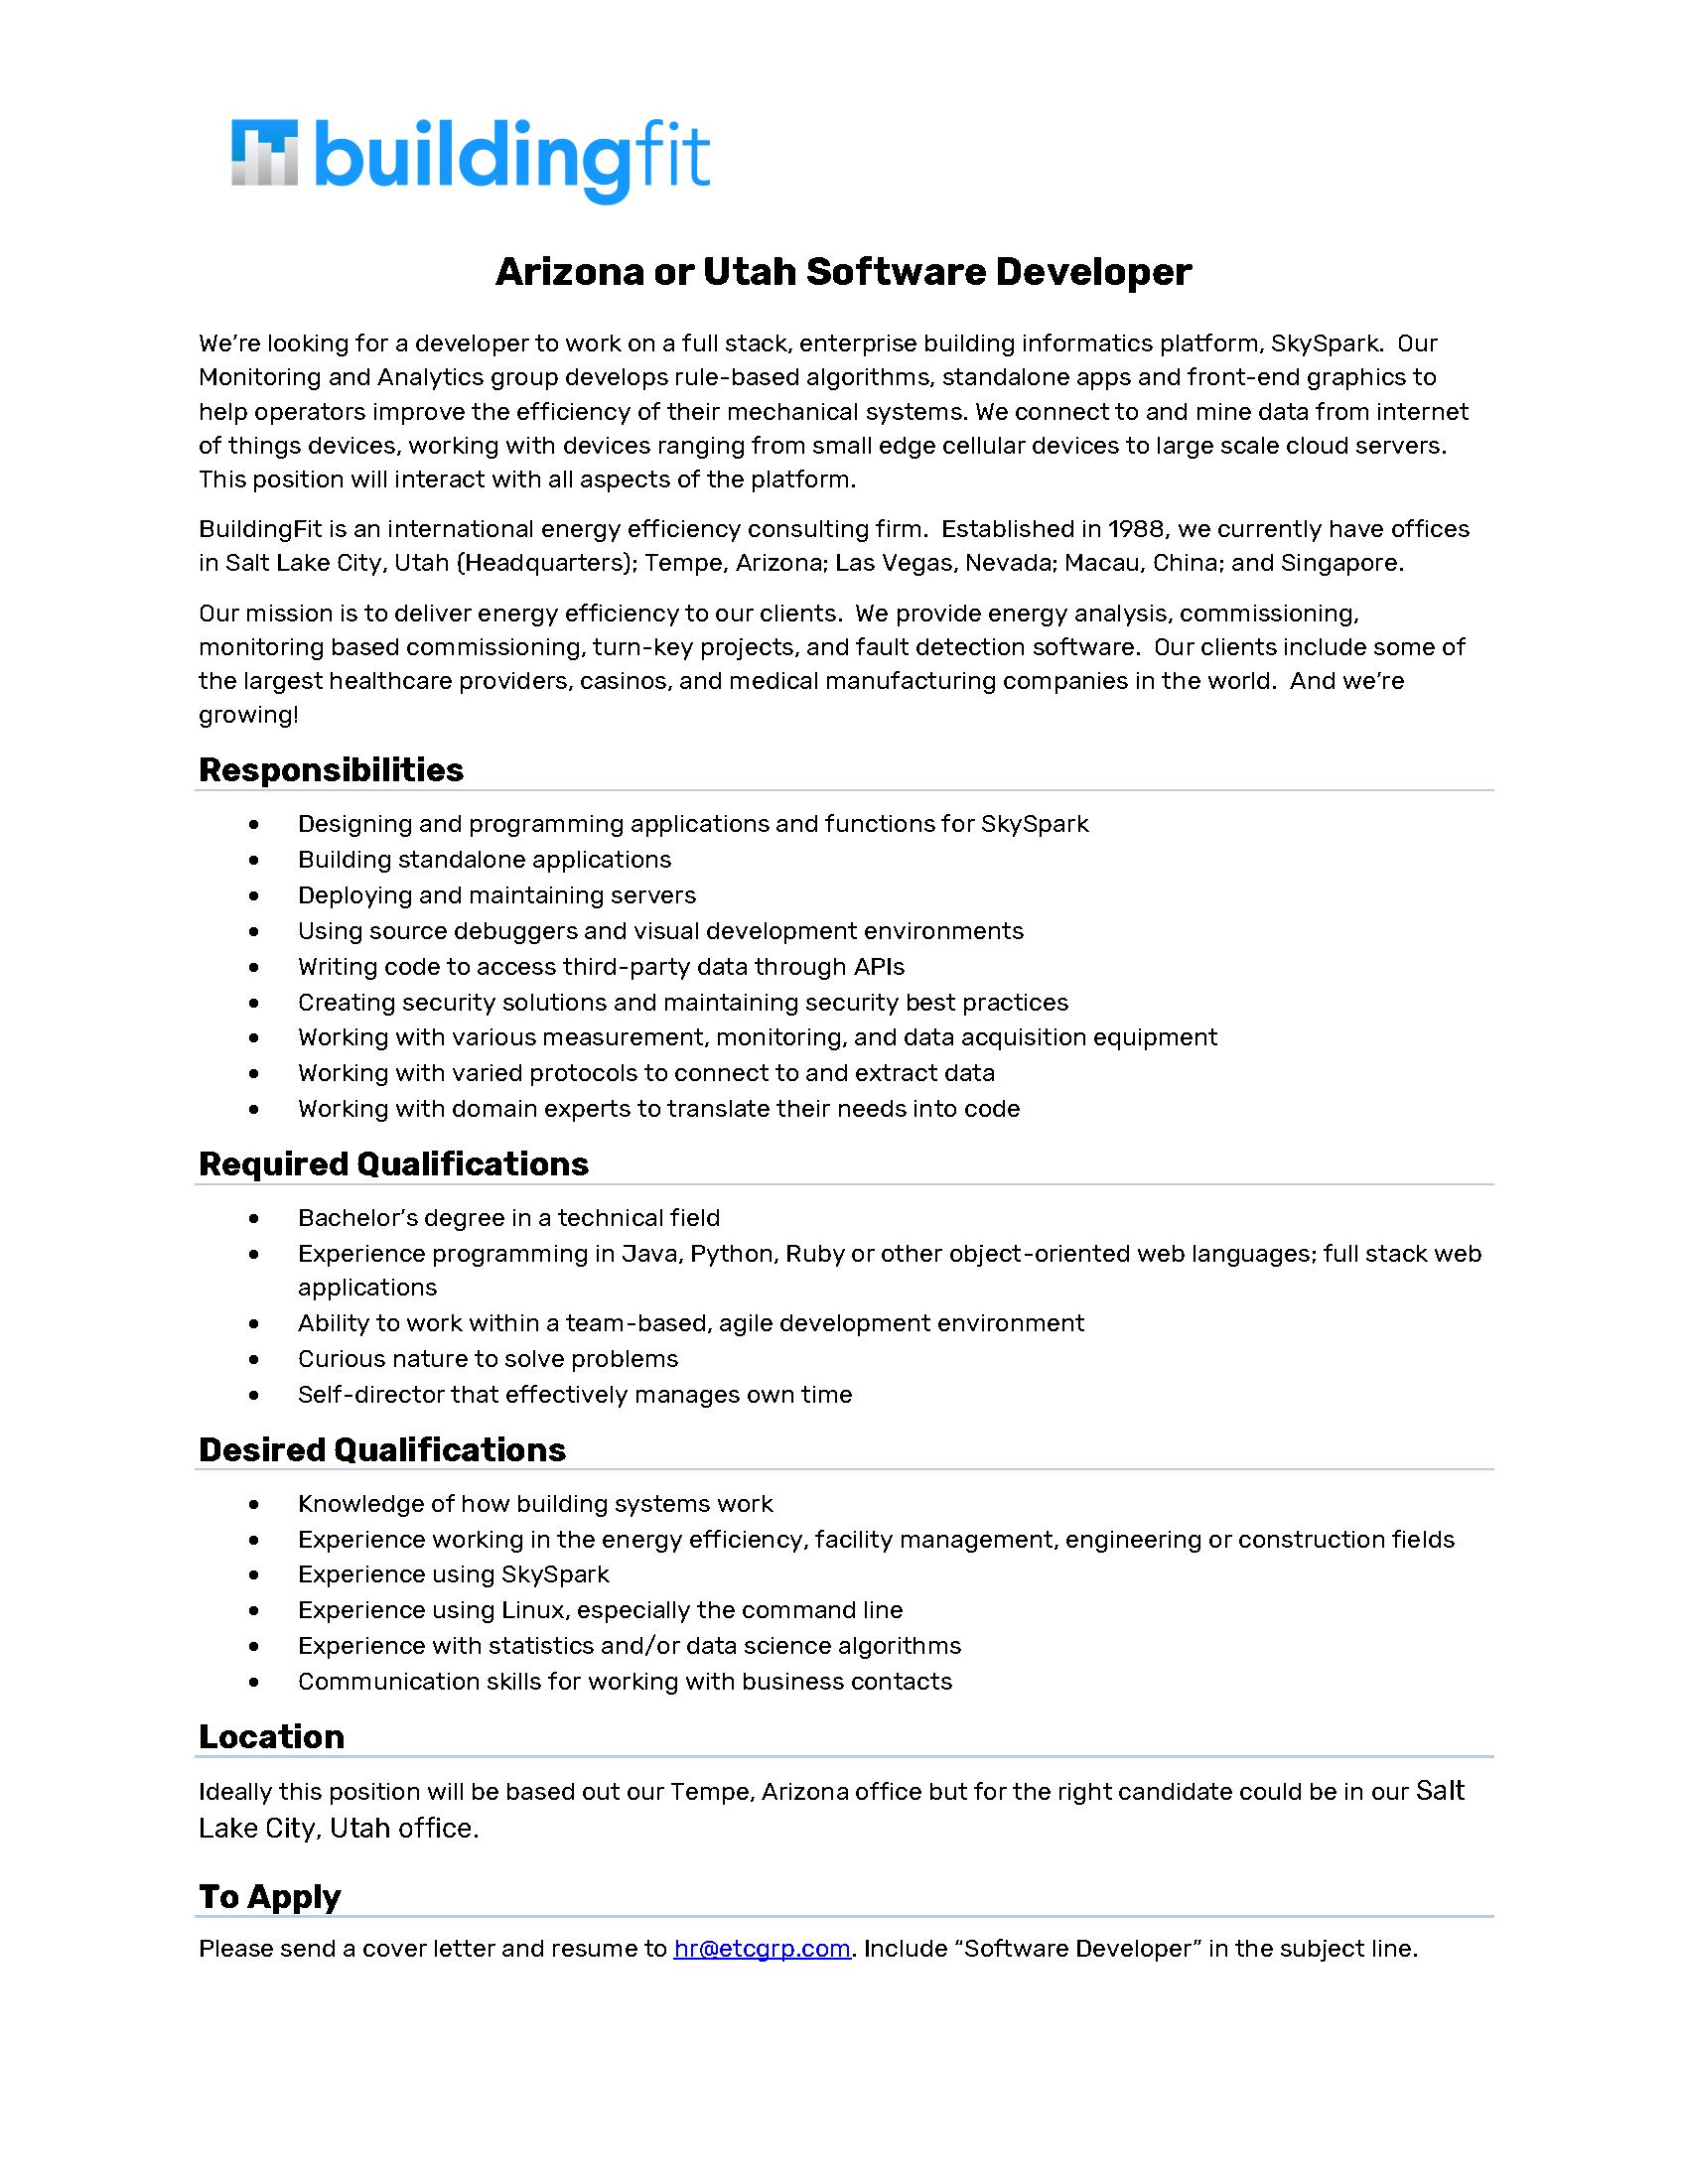 Software_Developer_-_Arizona_or_Utah_BuildingFit.png